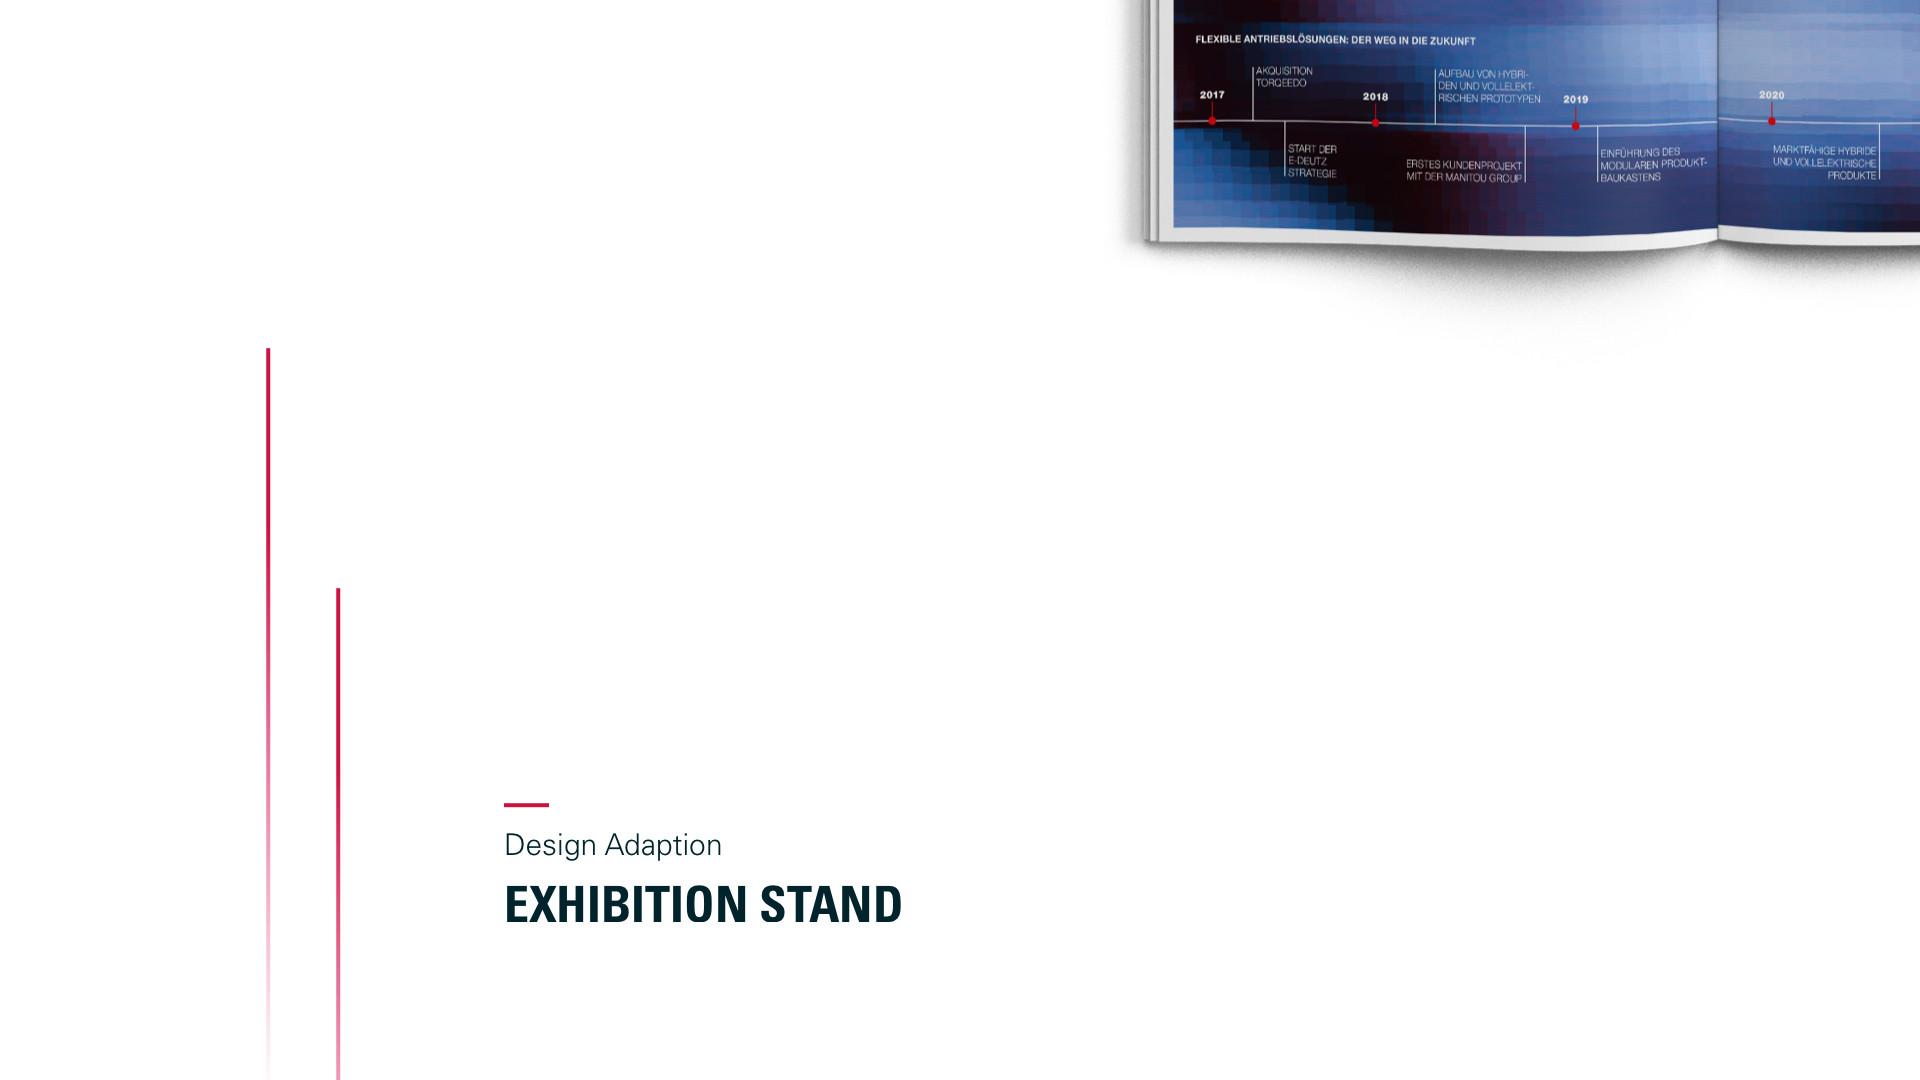 Deutz Exhibition Stand